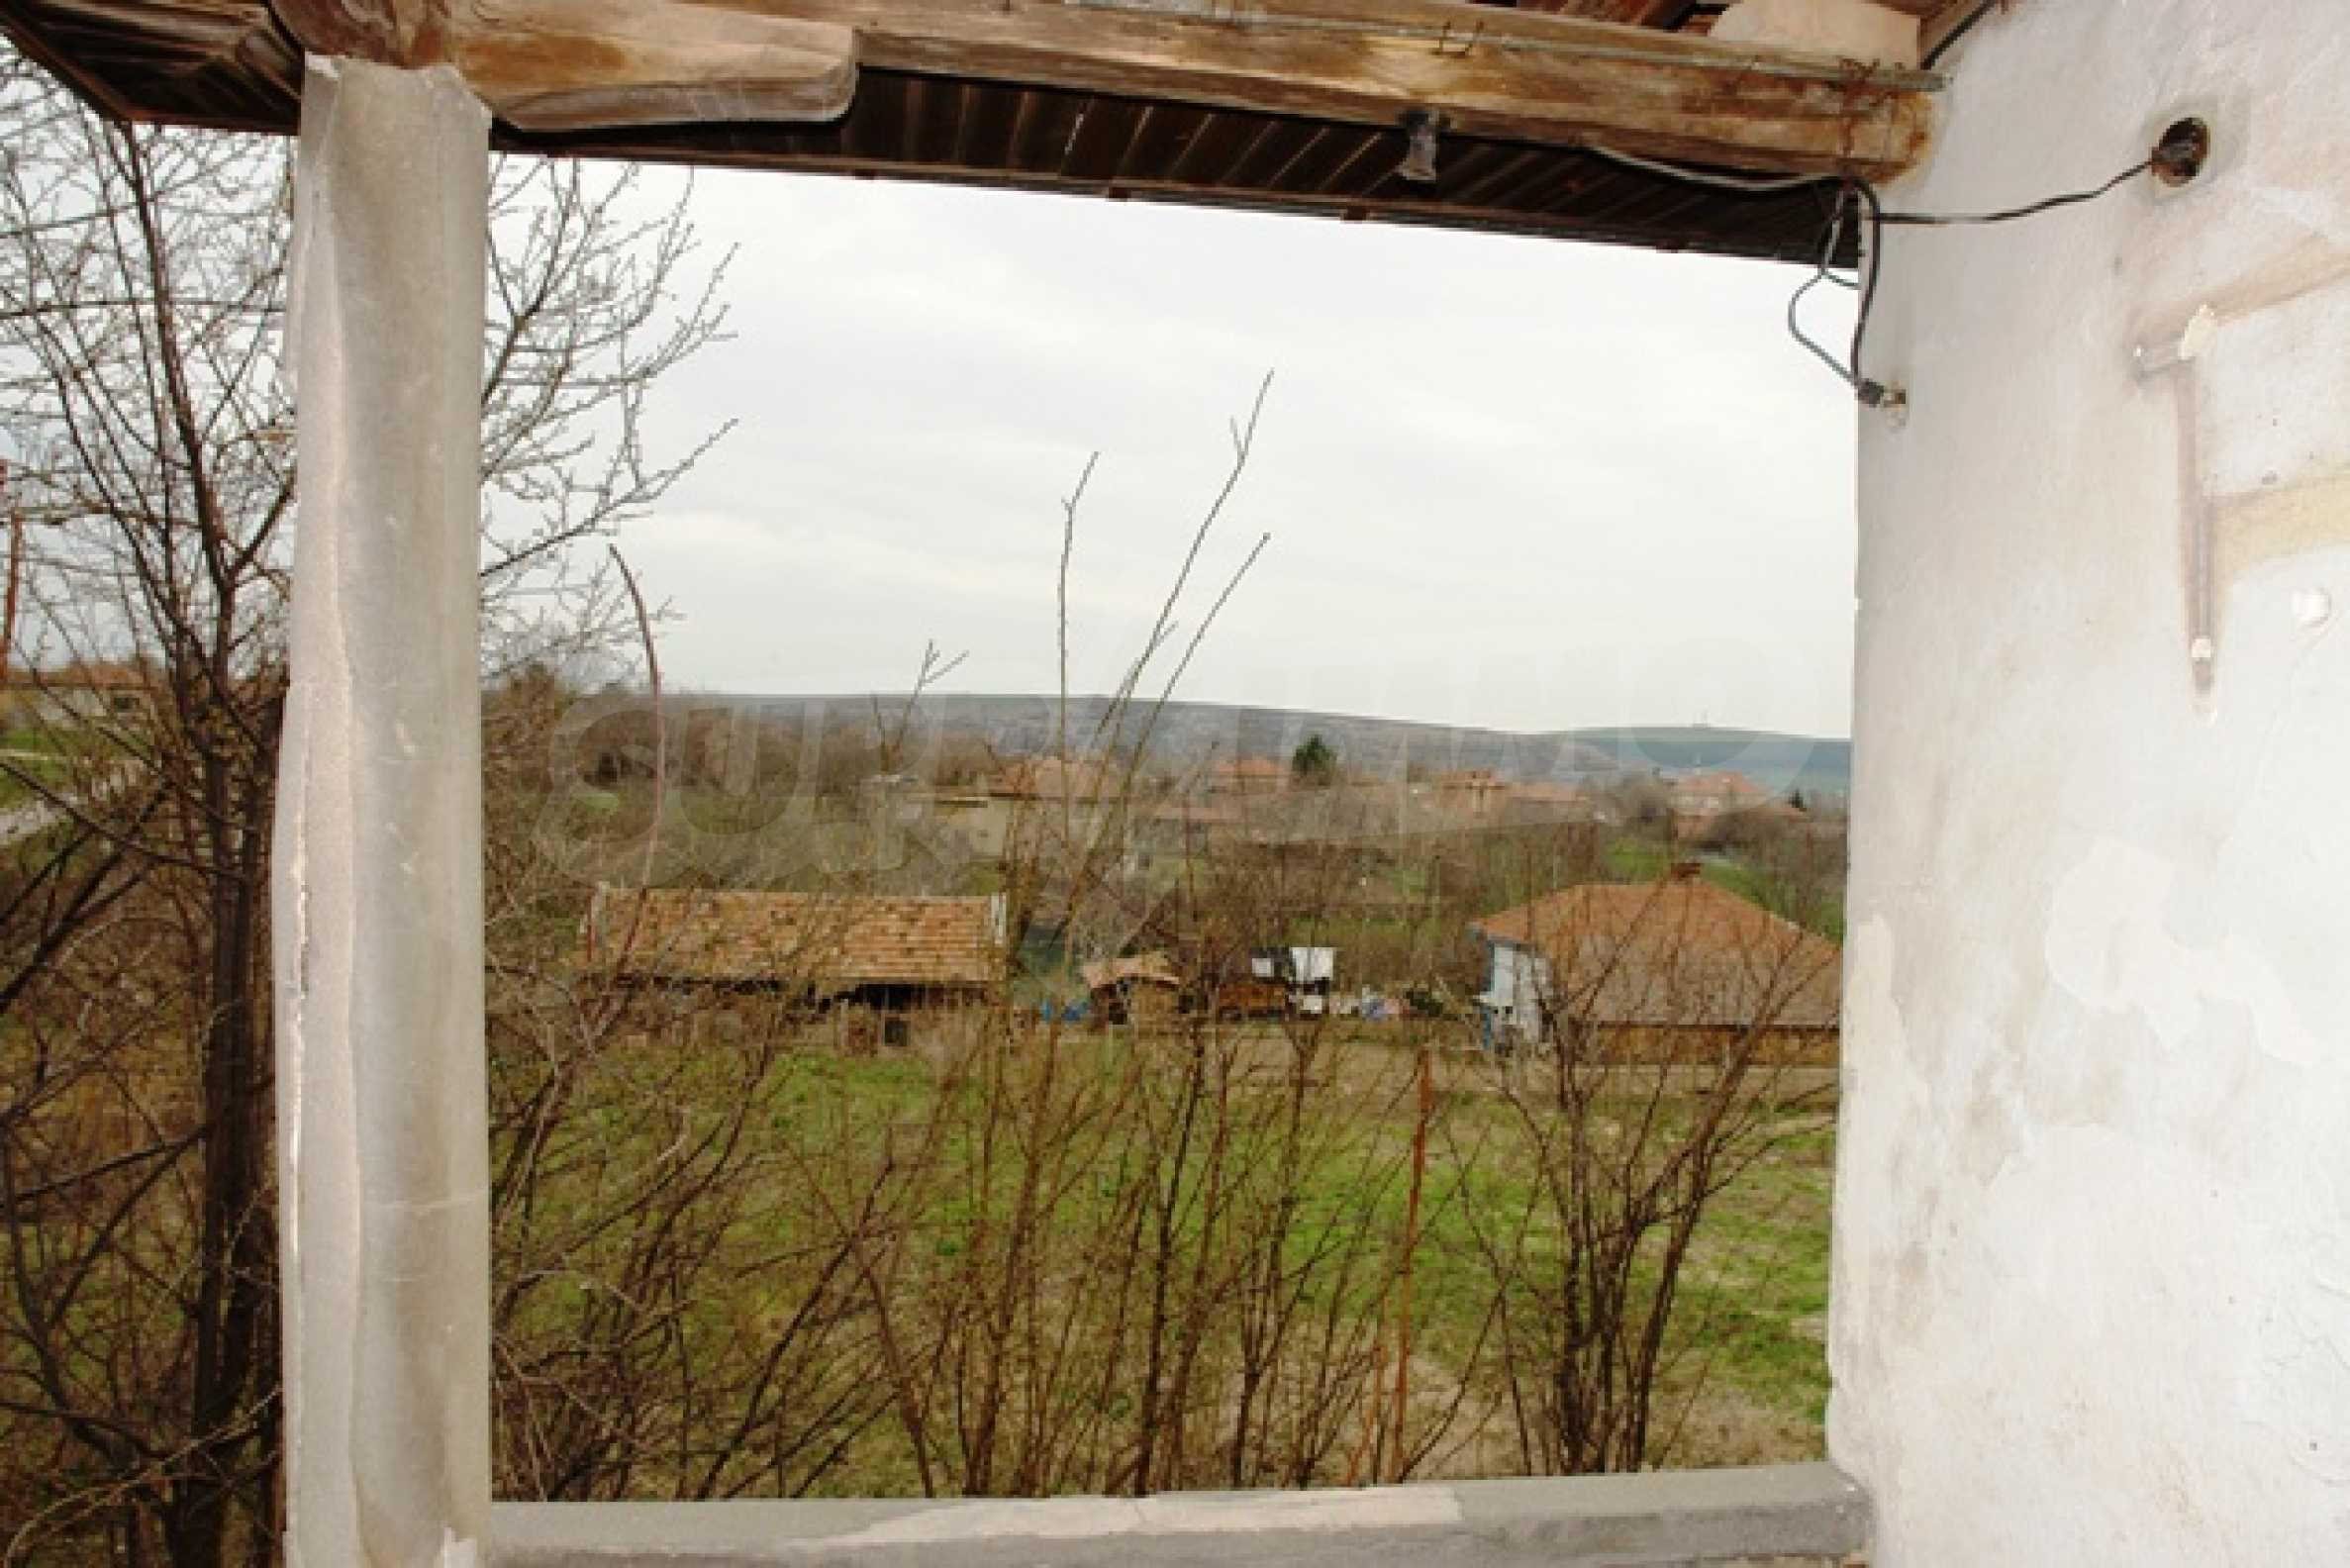 House for sale in Beltsov village 10